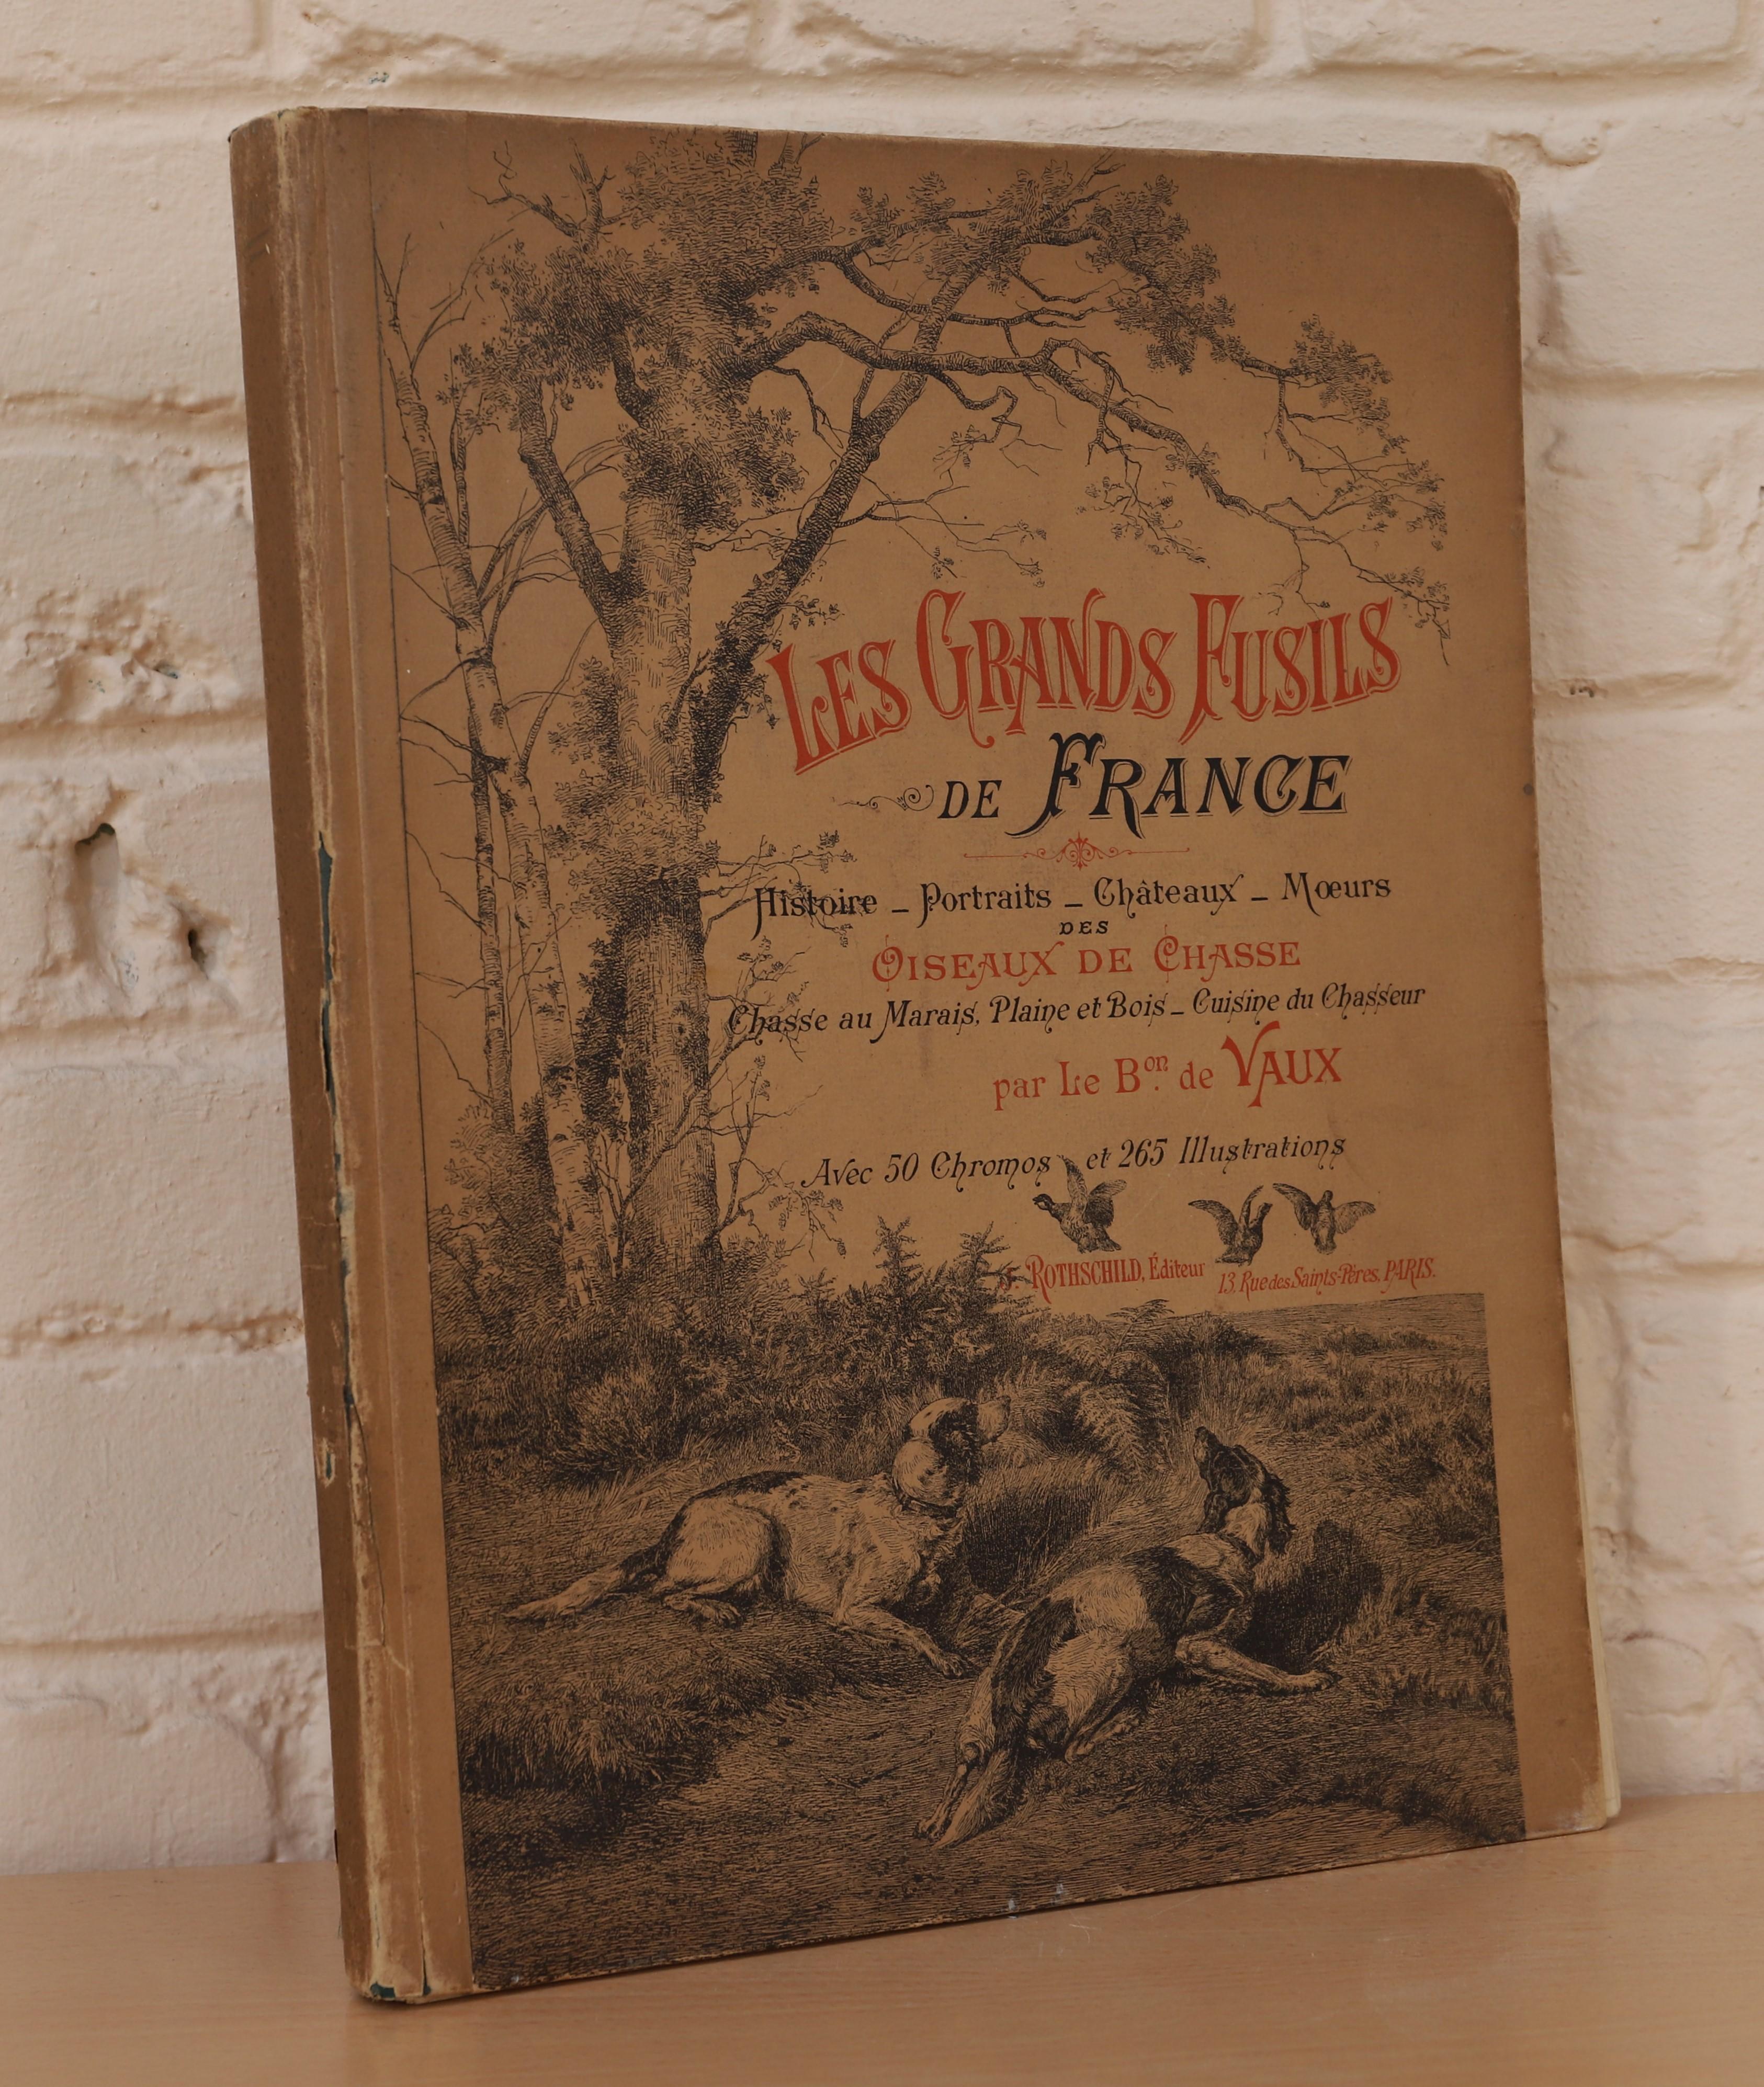 """Los 4 - VOLUME ILLUSTRE """"LES GRANDS FUSILS DE FRANCE, LES OISEAUX DE CHASSE"""" PAR LE BARON DE [...]"""